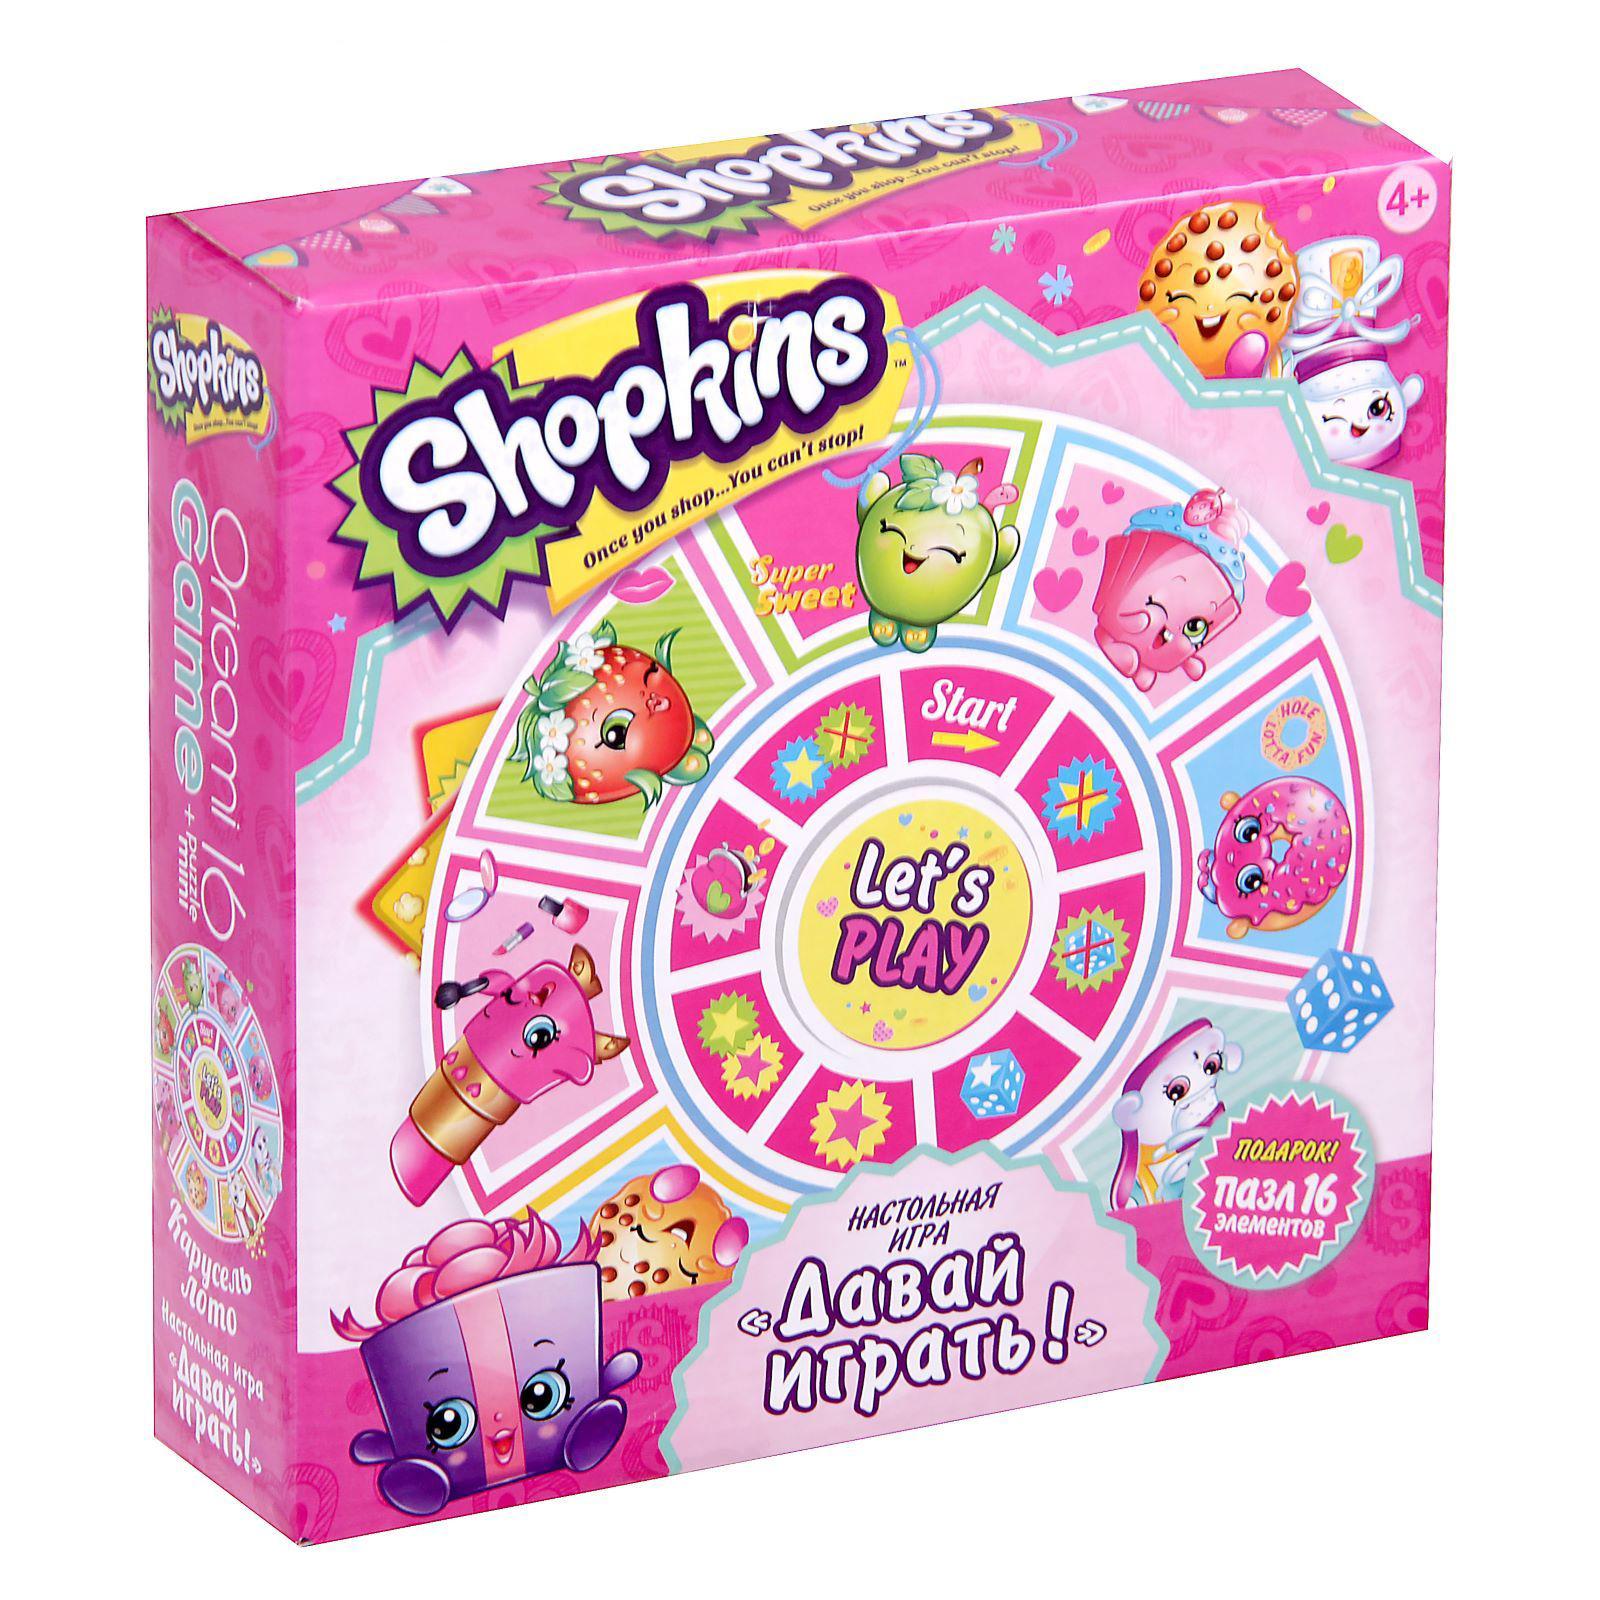 Игра настольная Shopkins - Карусель-лото - Давай играть! пазл 16 элементов.